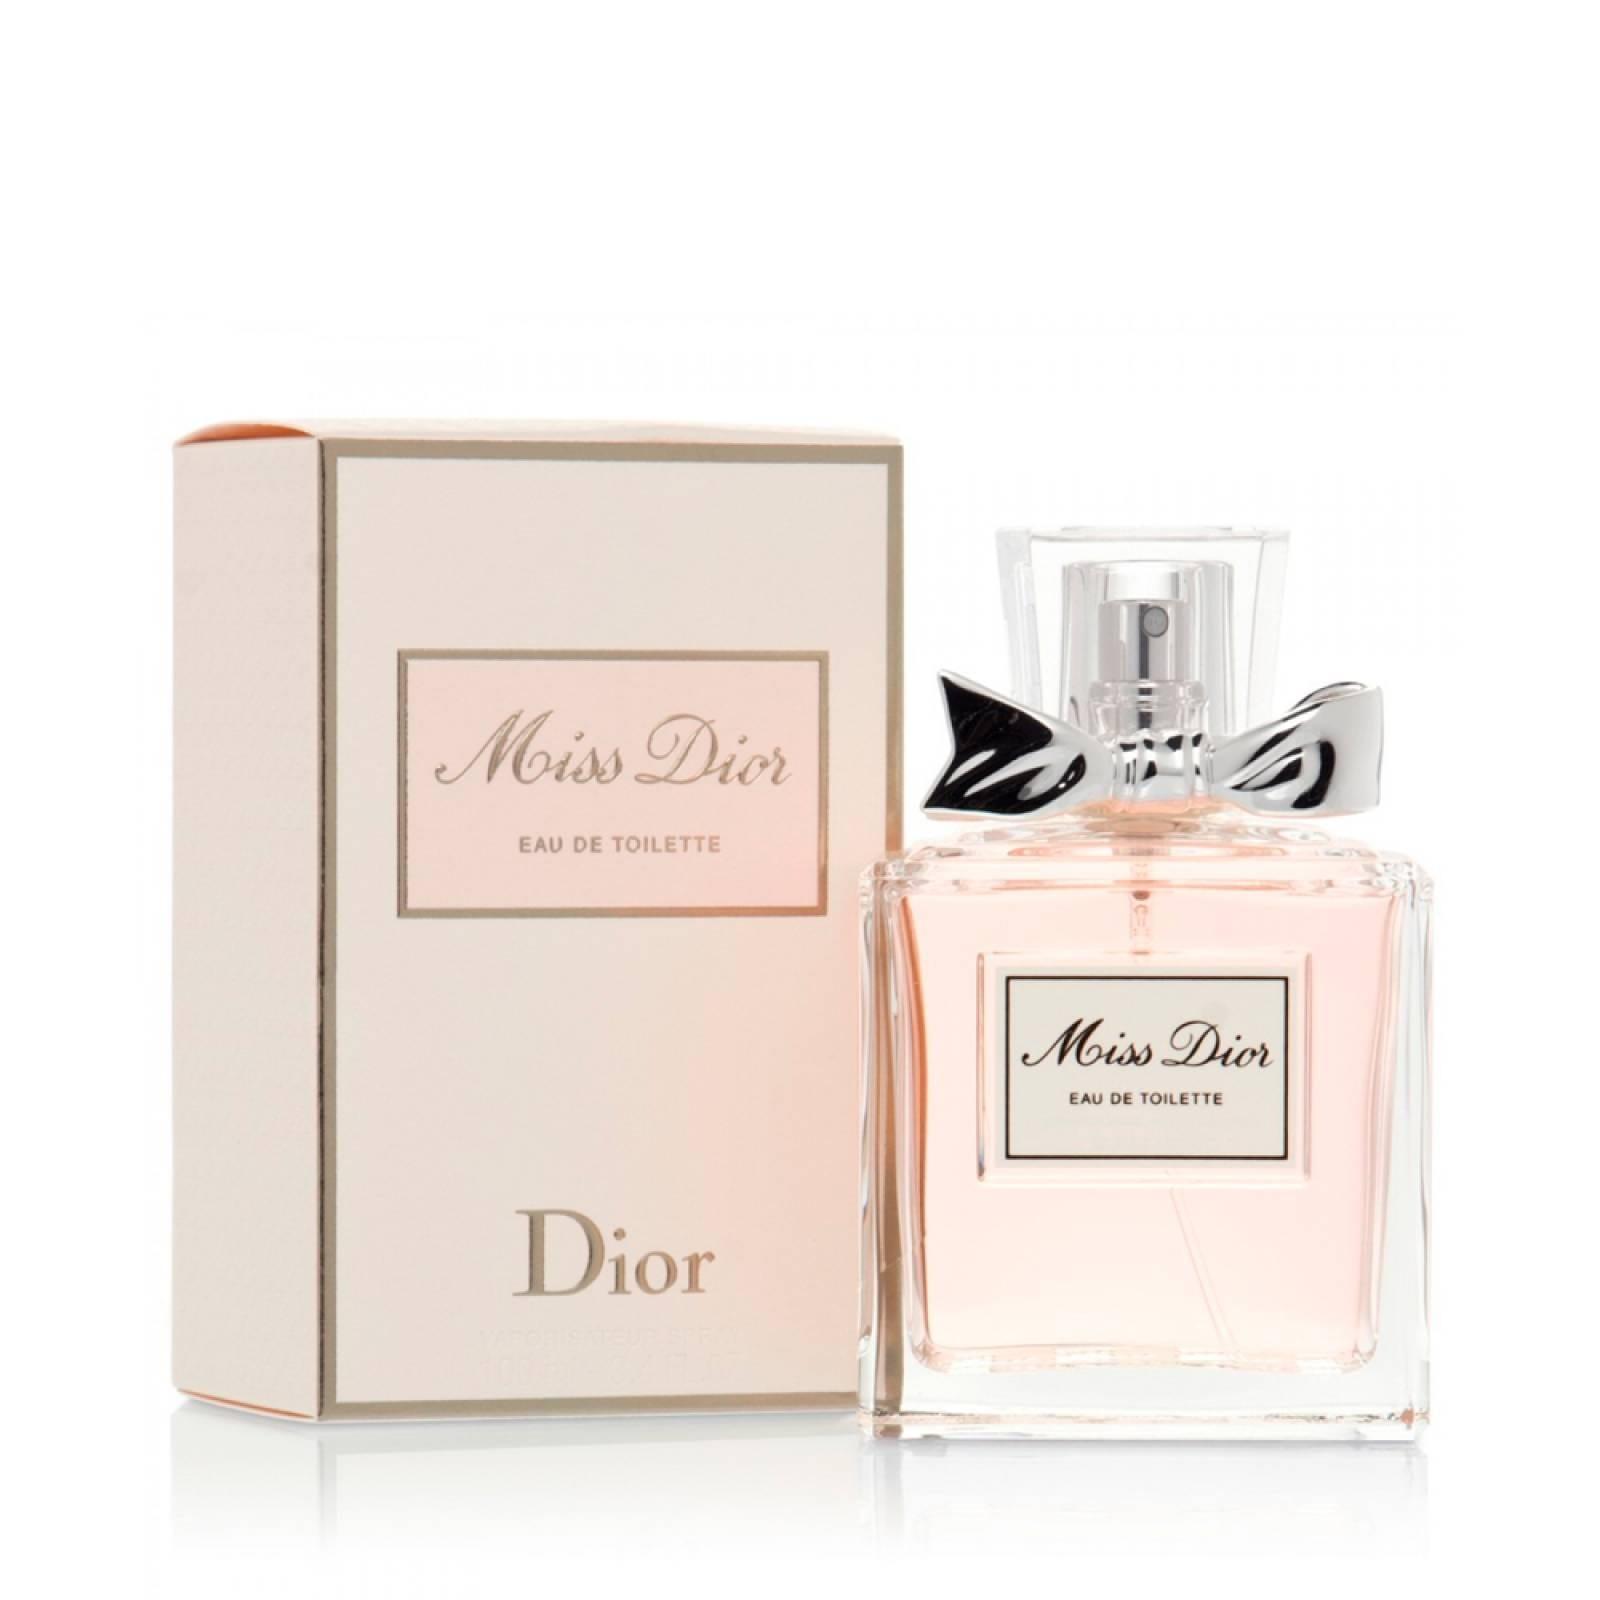 Miss Dior De Christian Dior Eau de Toilette 100 ml